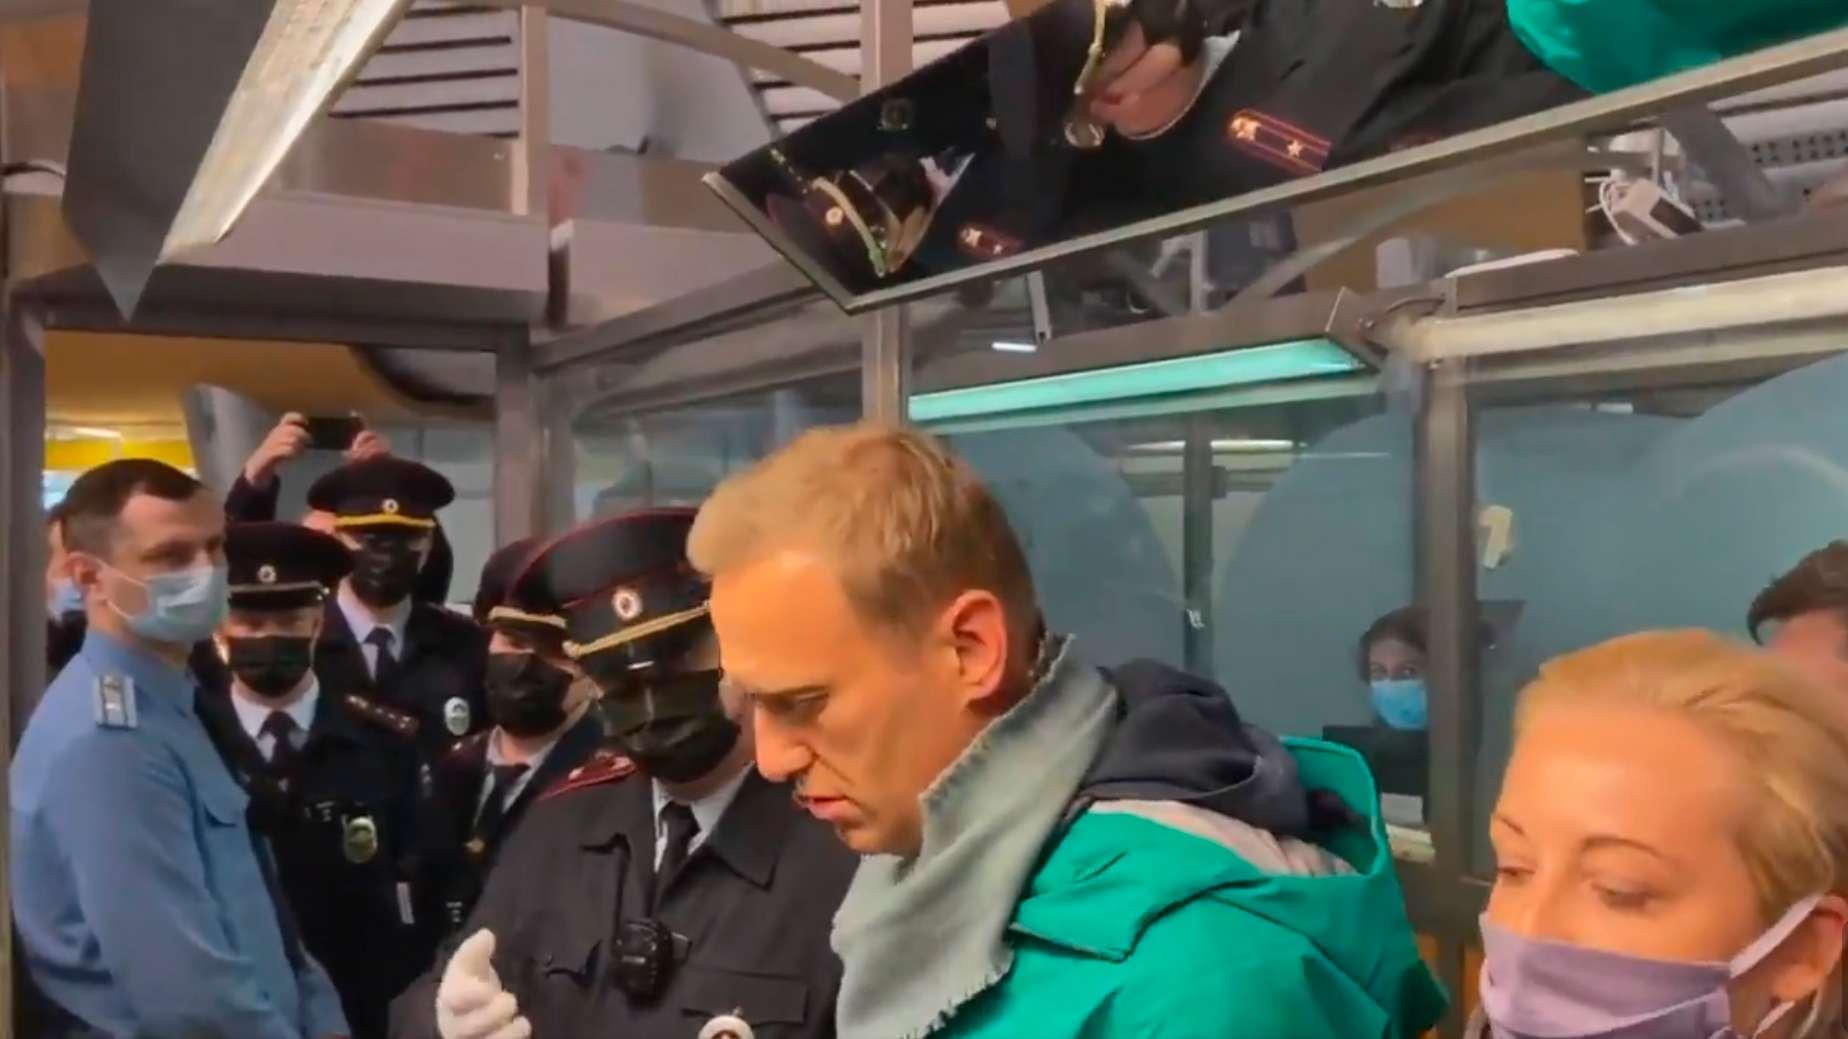 Kremlj: Moskva neće razmatrati apele Zapada da oslobodi Navaljnog, to je unutrašnja stvar 1